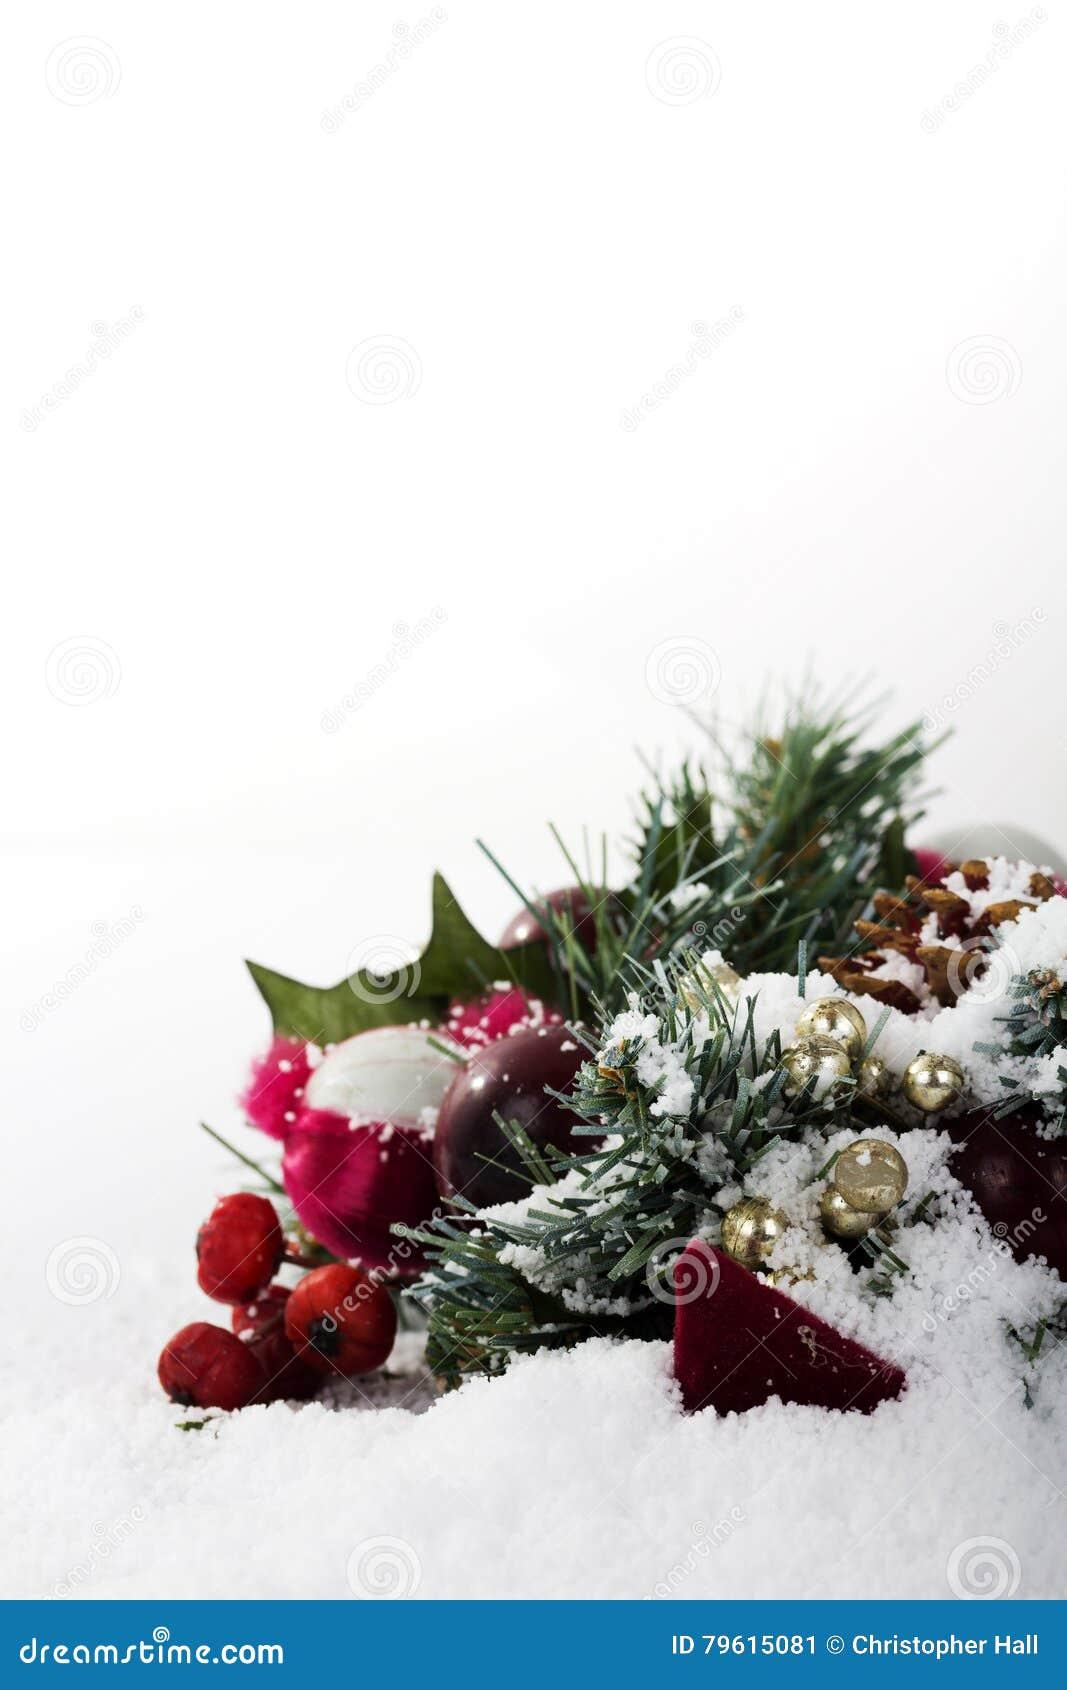 Decorações de Chrismas na neve branca para o fundo